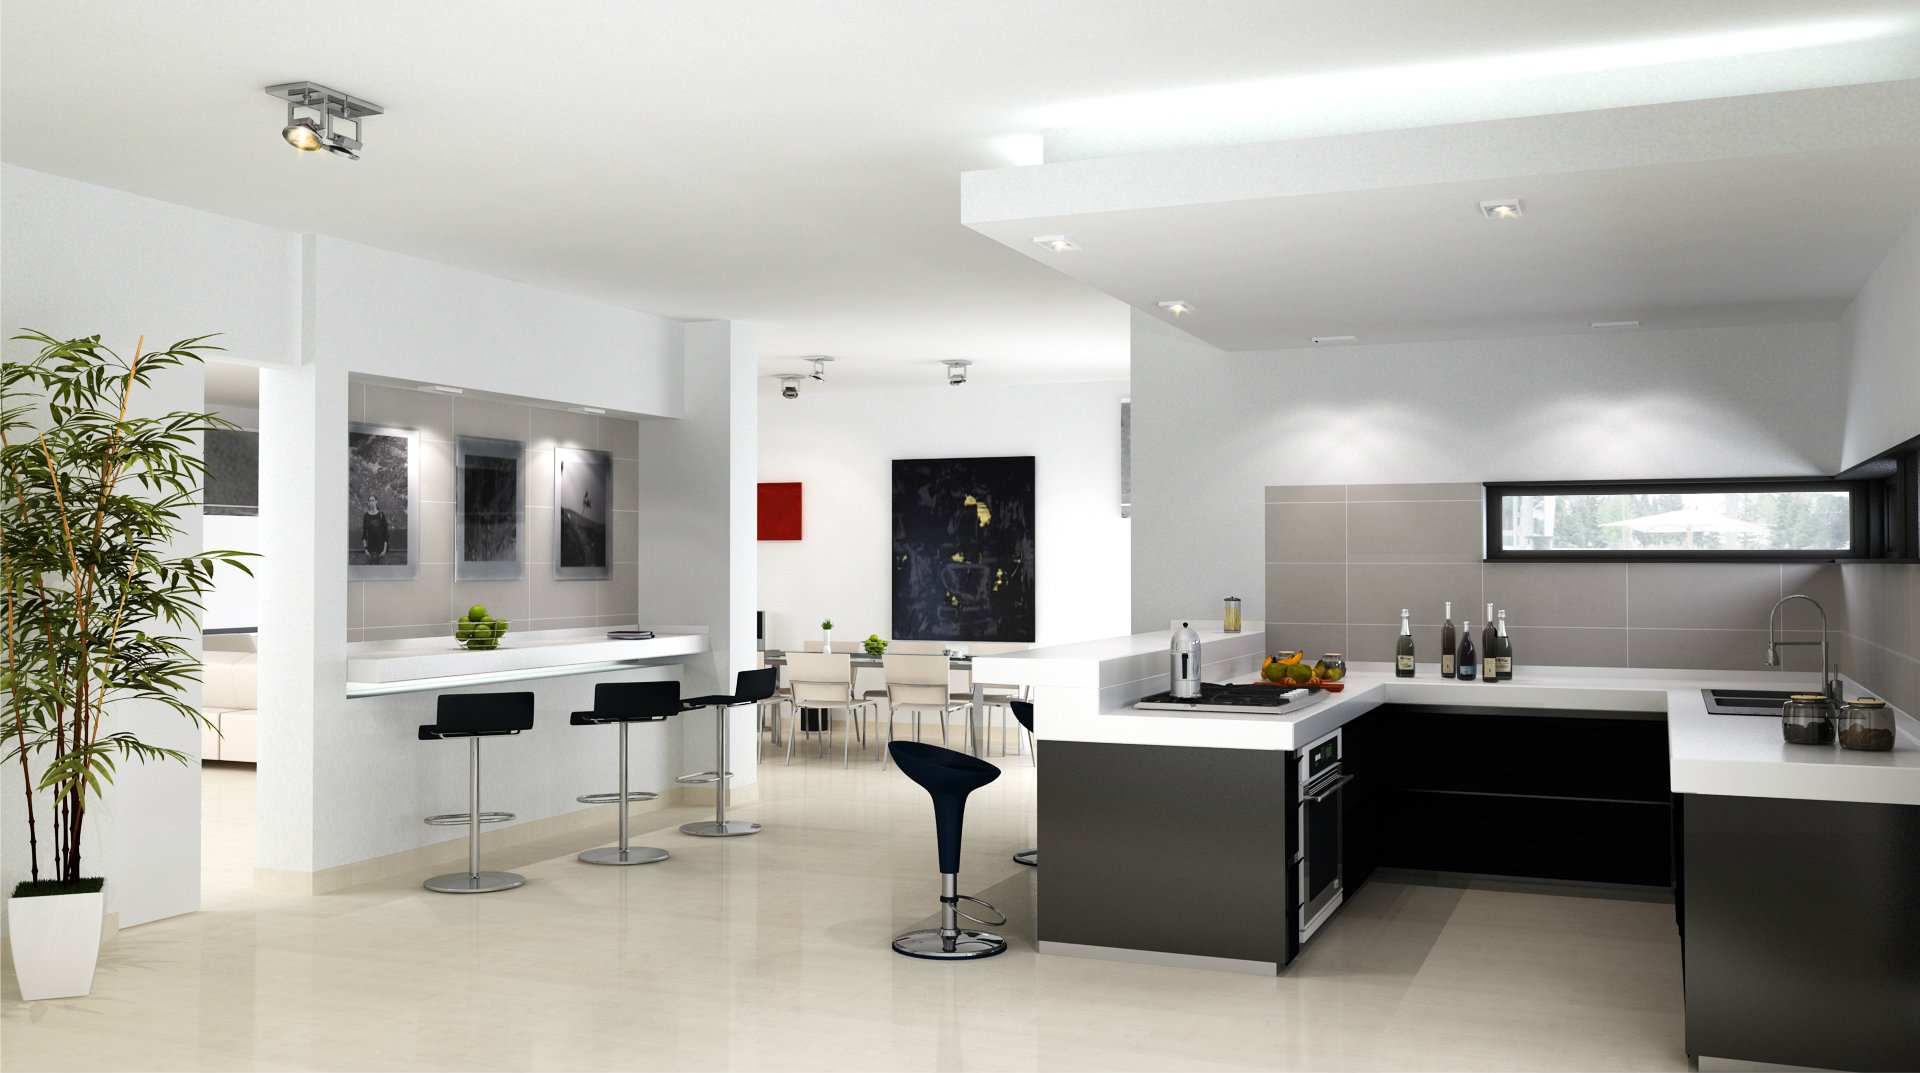 Gi arrendadora - Arquitectura interior ...